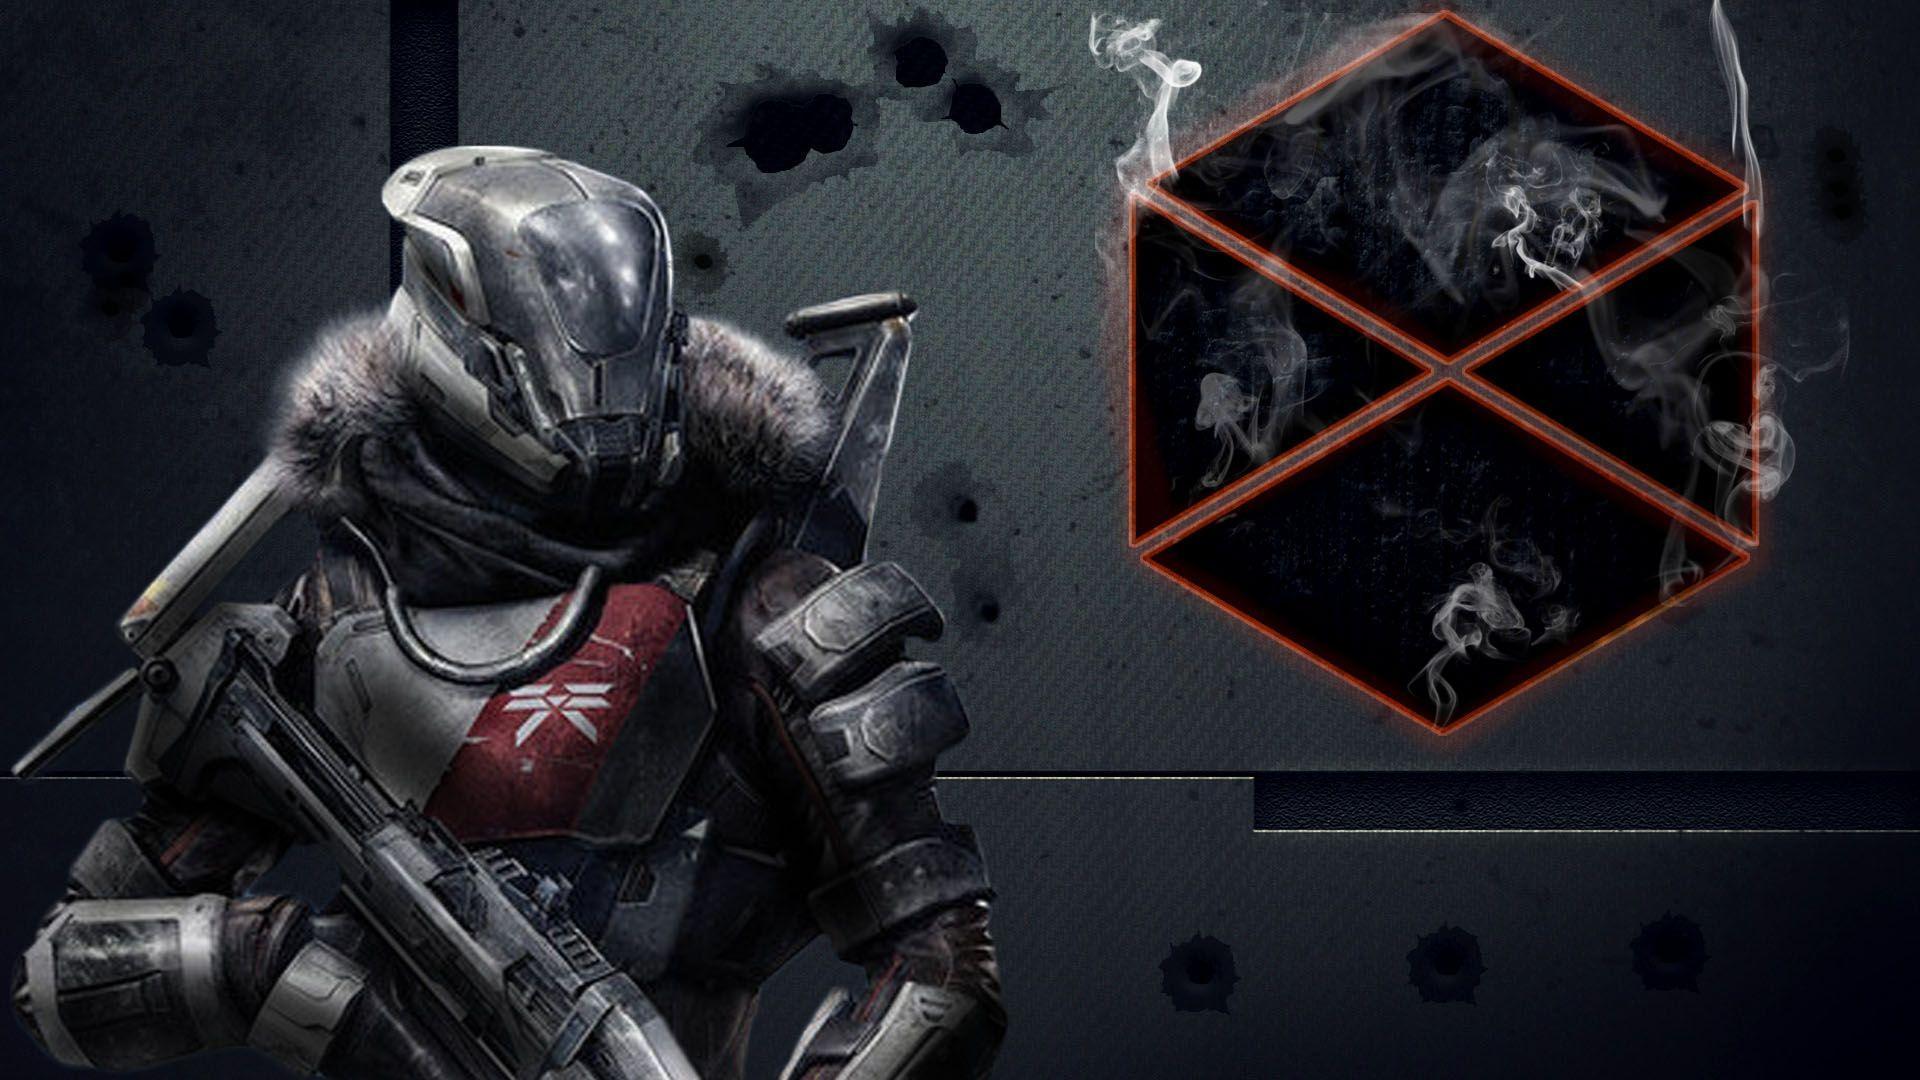 Titan Destiny Wallpapers - Wallpaper Cave